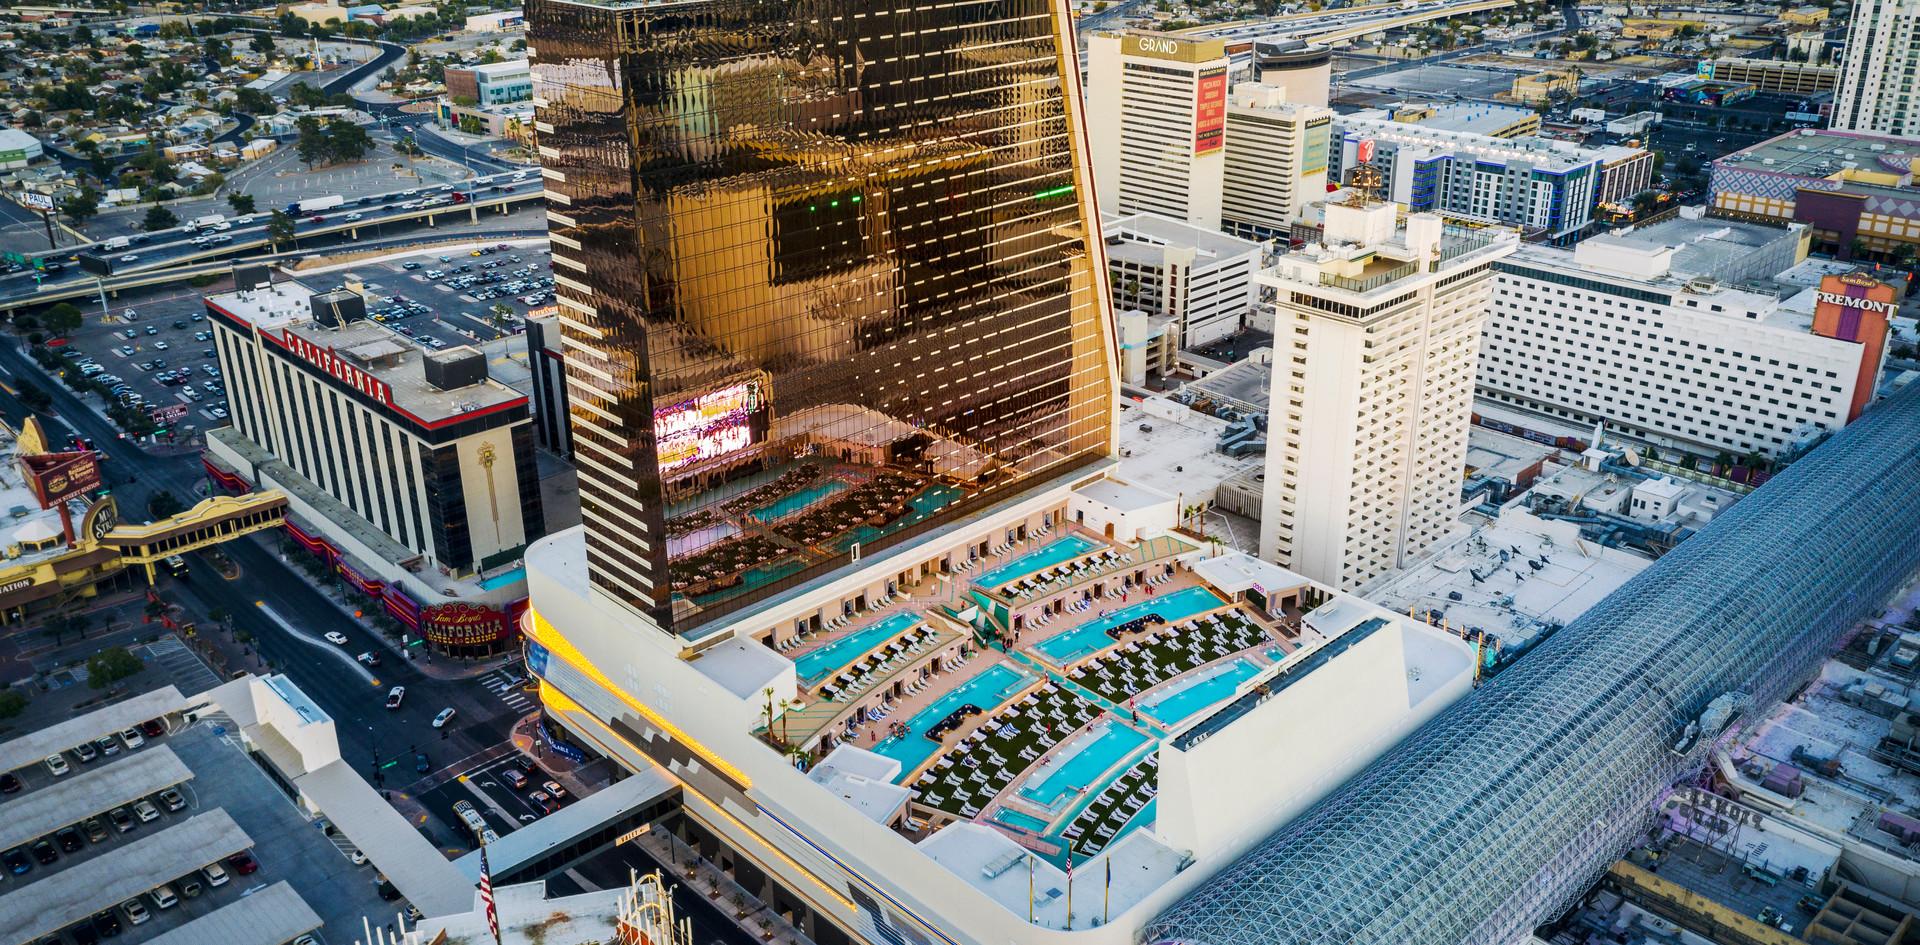 Circa Resort and Casino